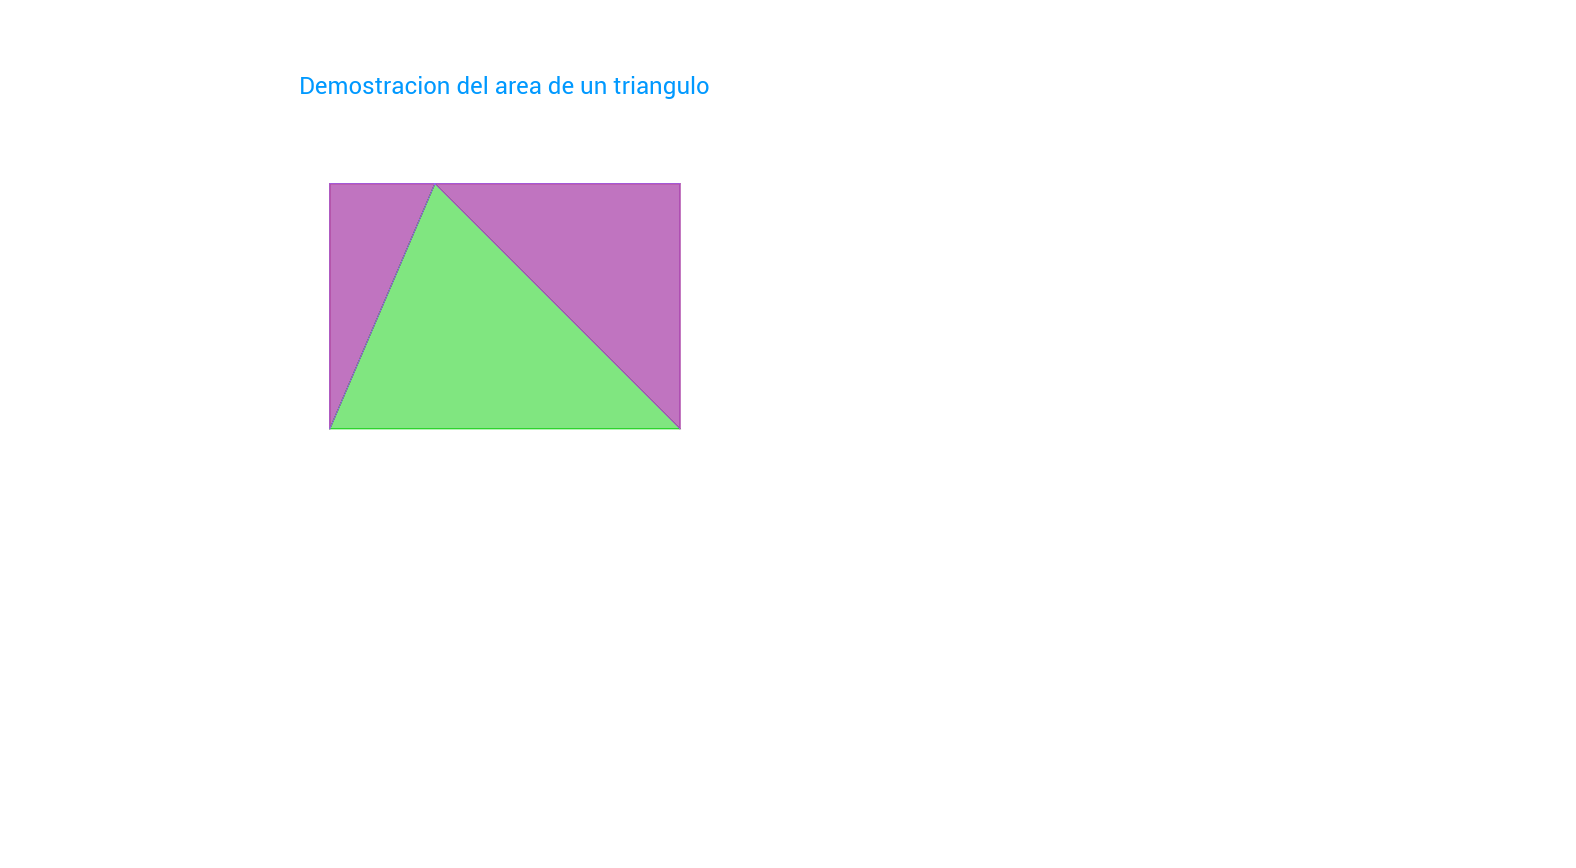 Demostracion: Area de un triangulo